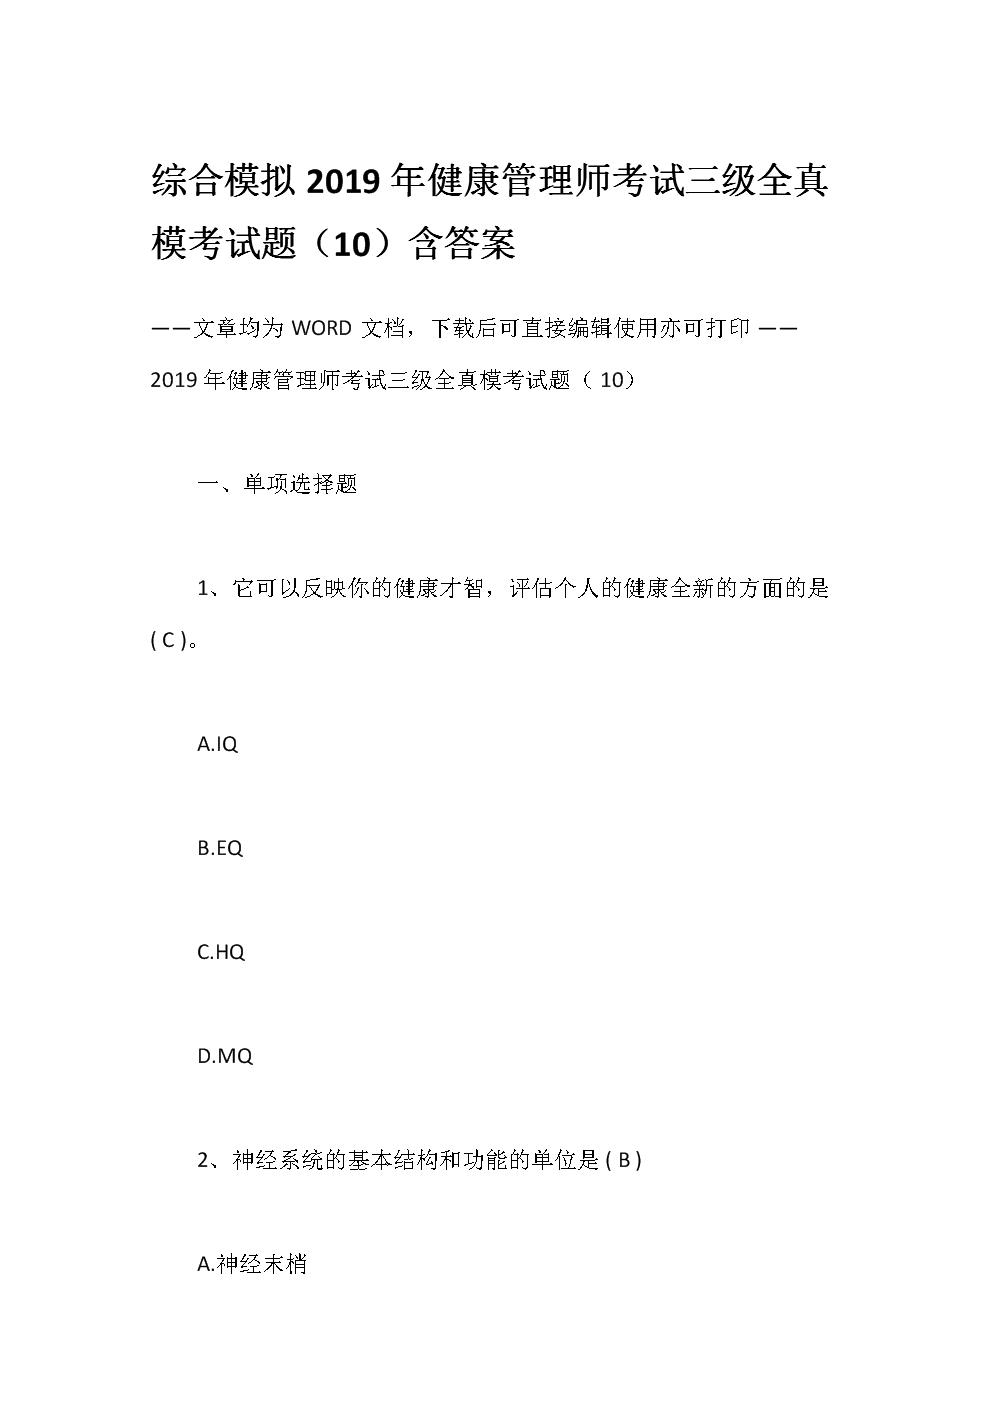 綜合模擬2019年健康管理師考試三級全真??荚囶}(10)含答案.docx